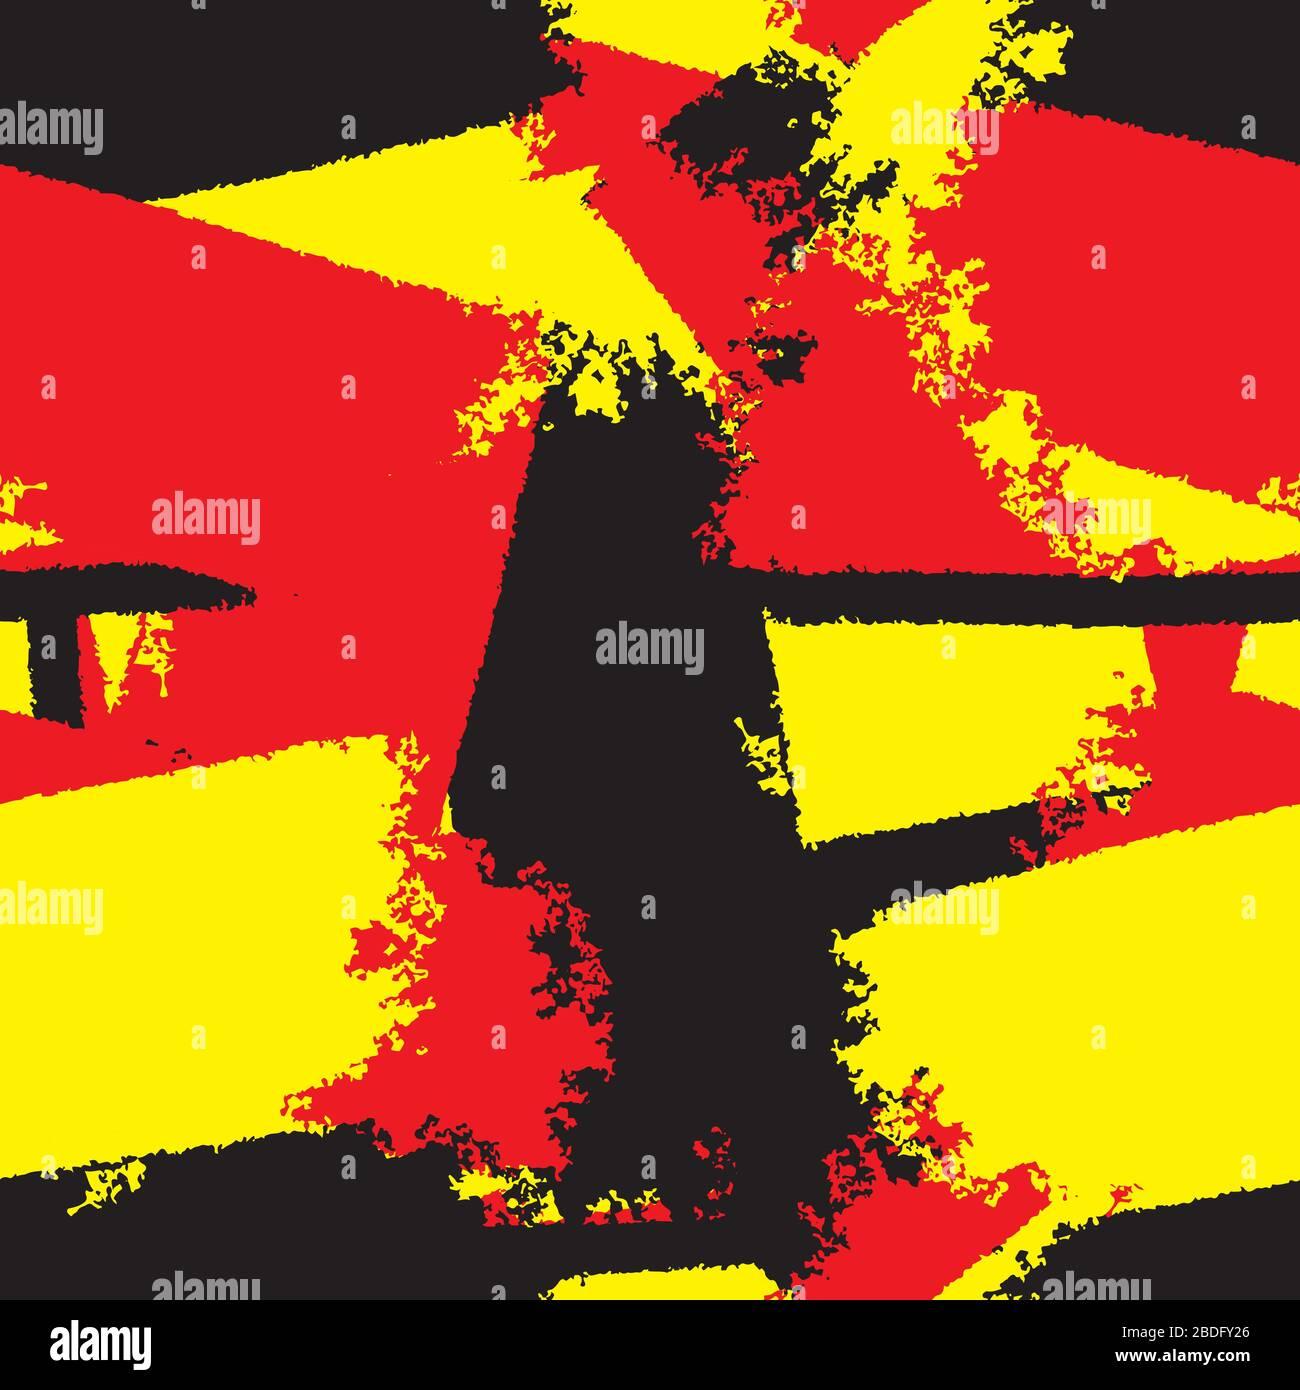 diseño abstracto sin costuras con parches de rojo negro y amarillo. Imagen vectorial Ilustración del Vector